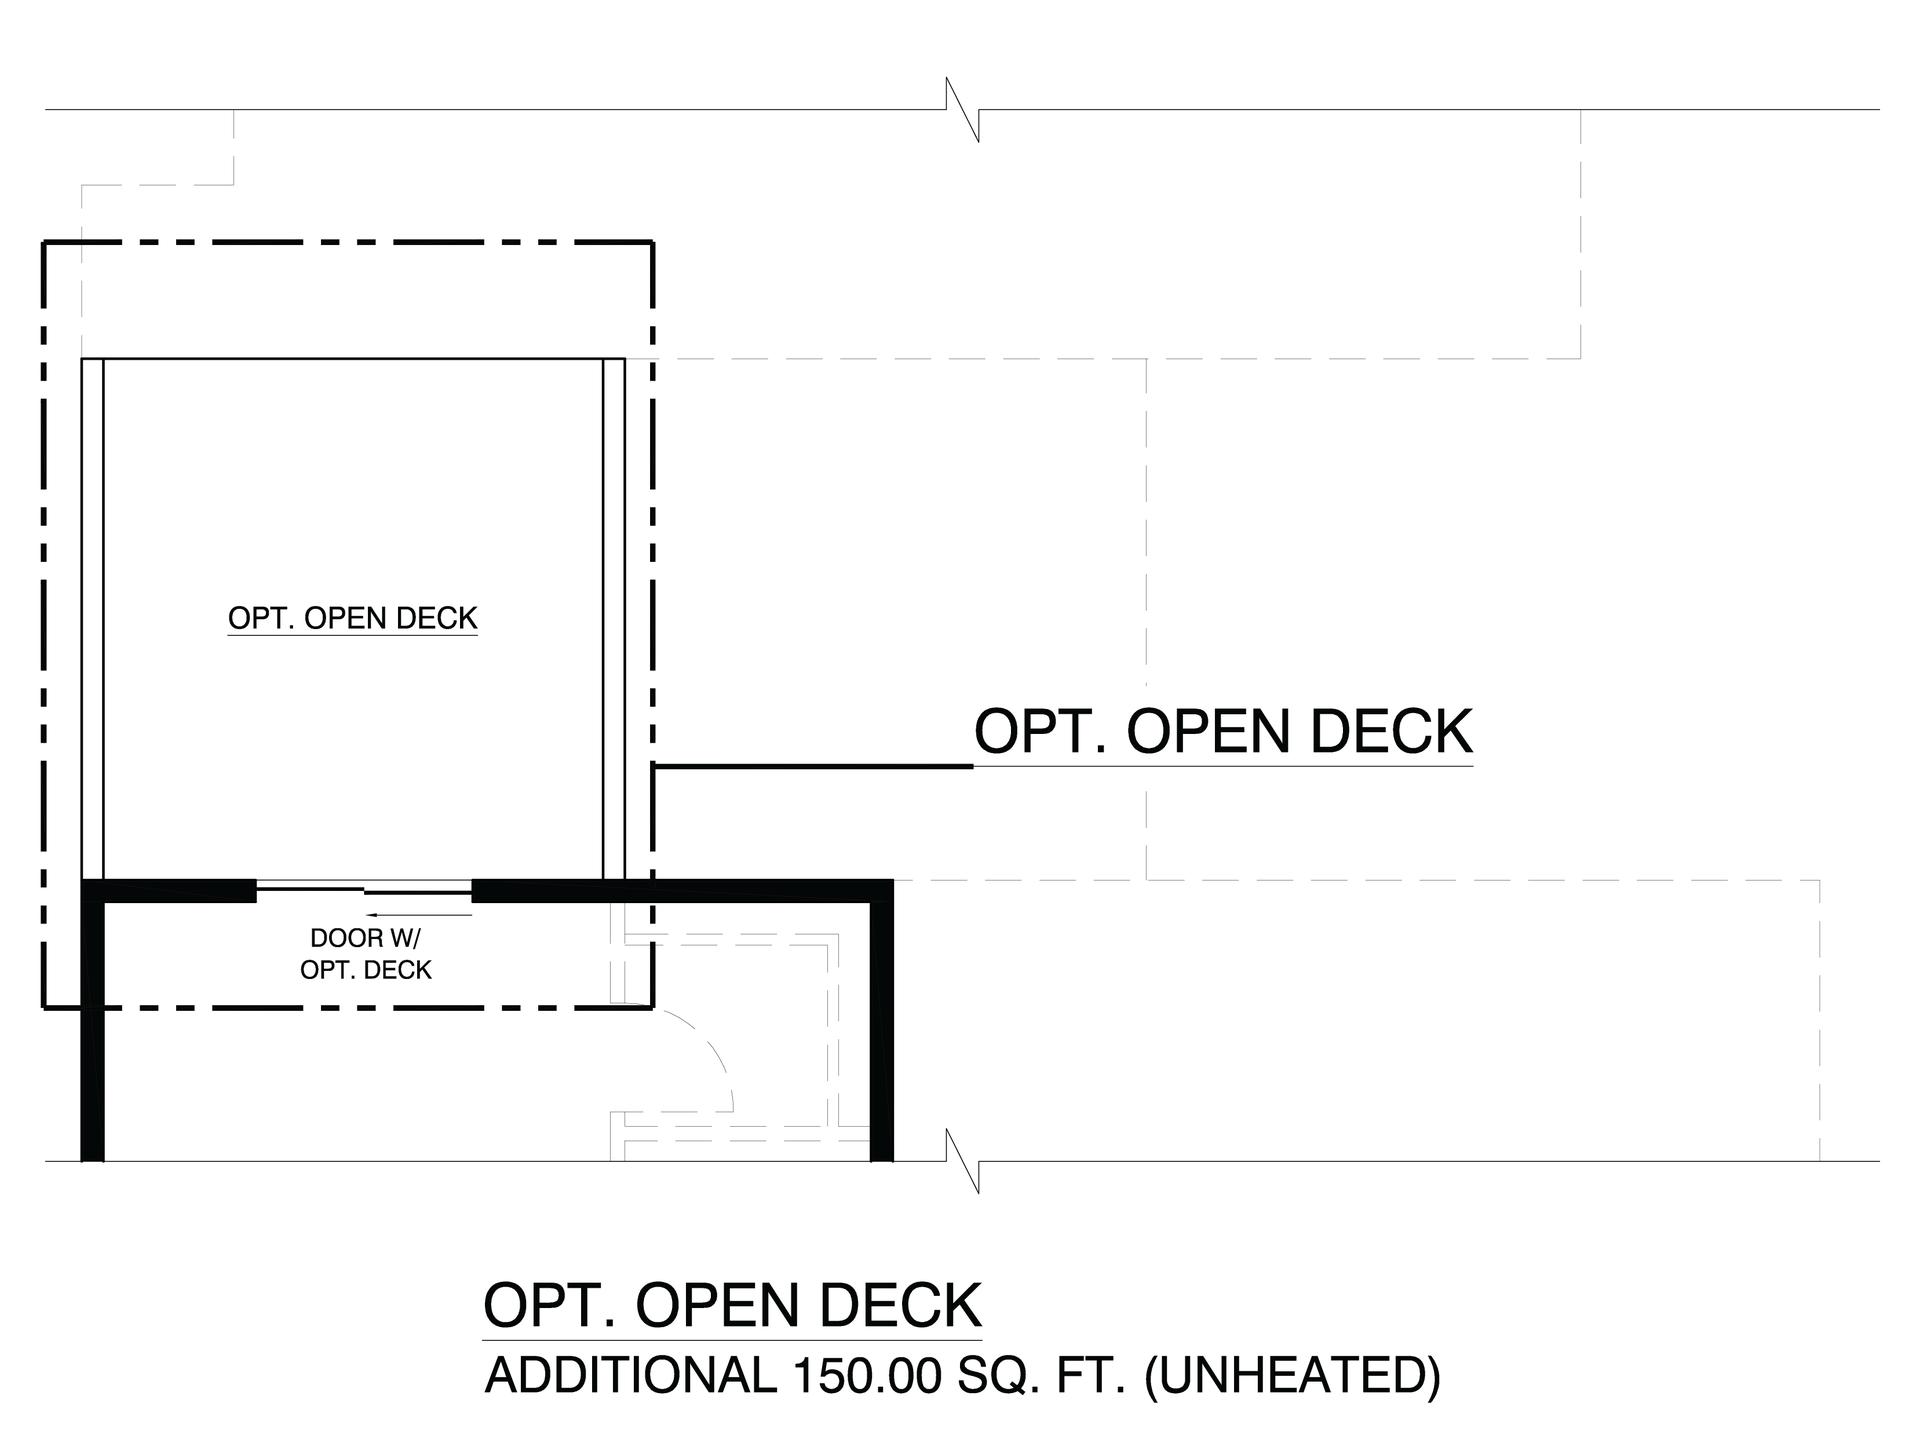 Optional Open Deck